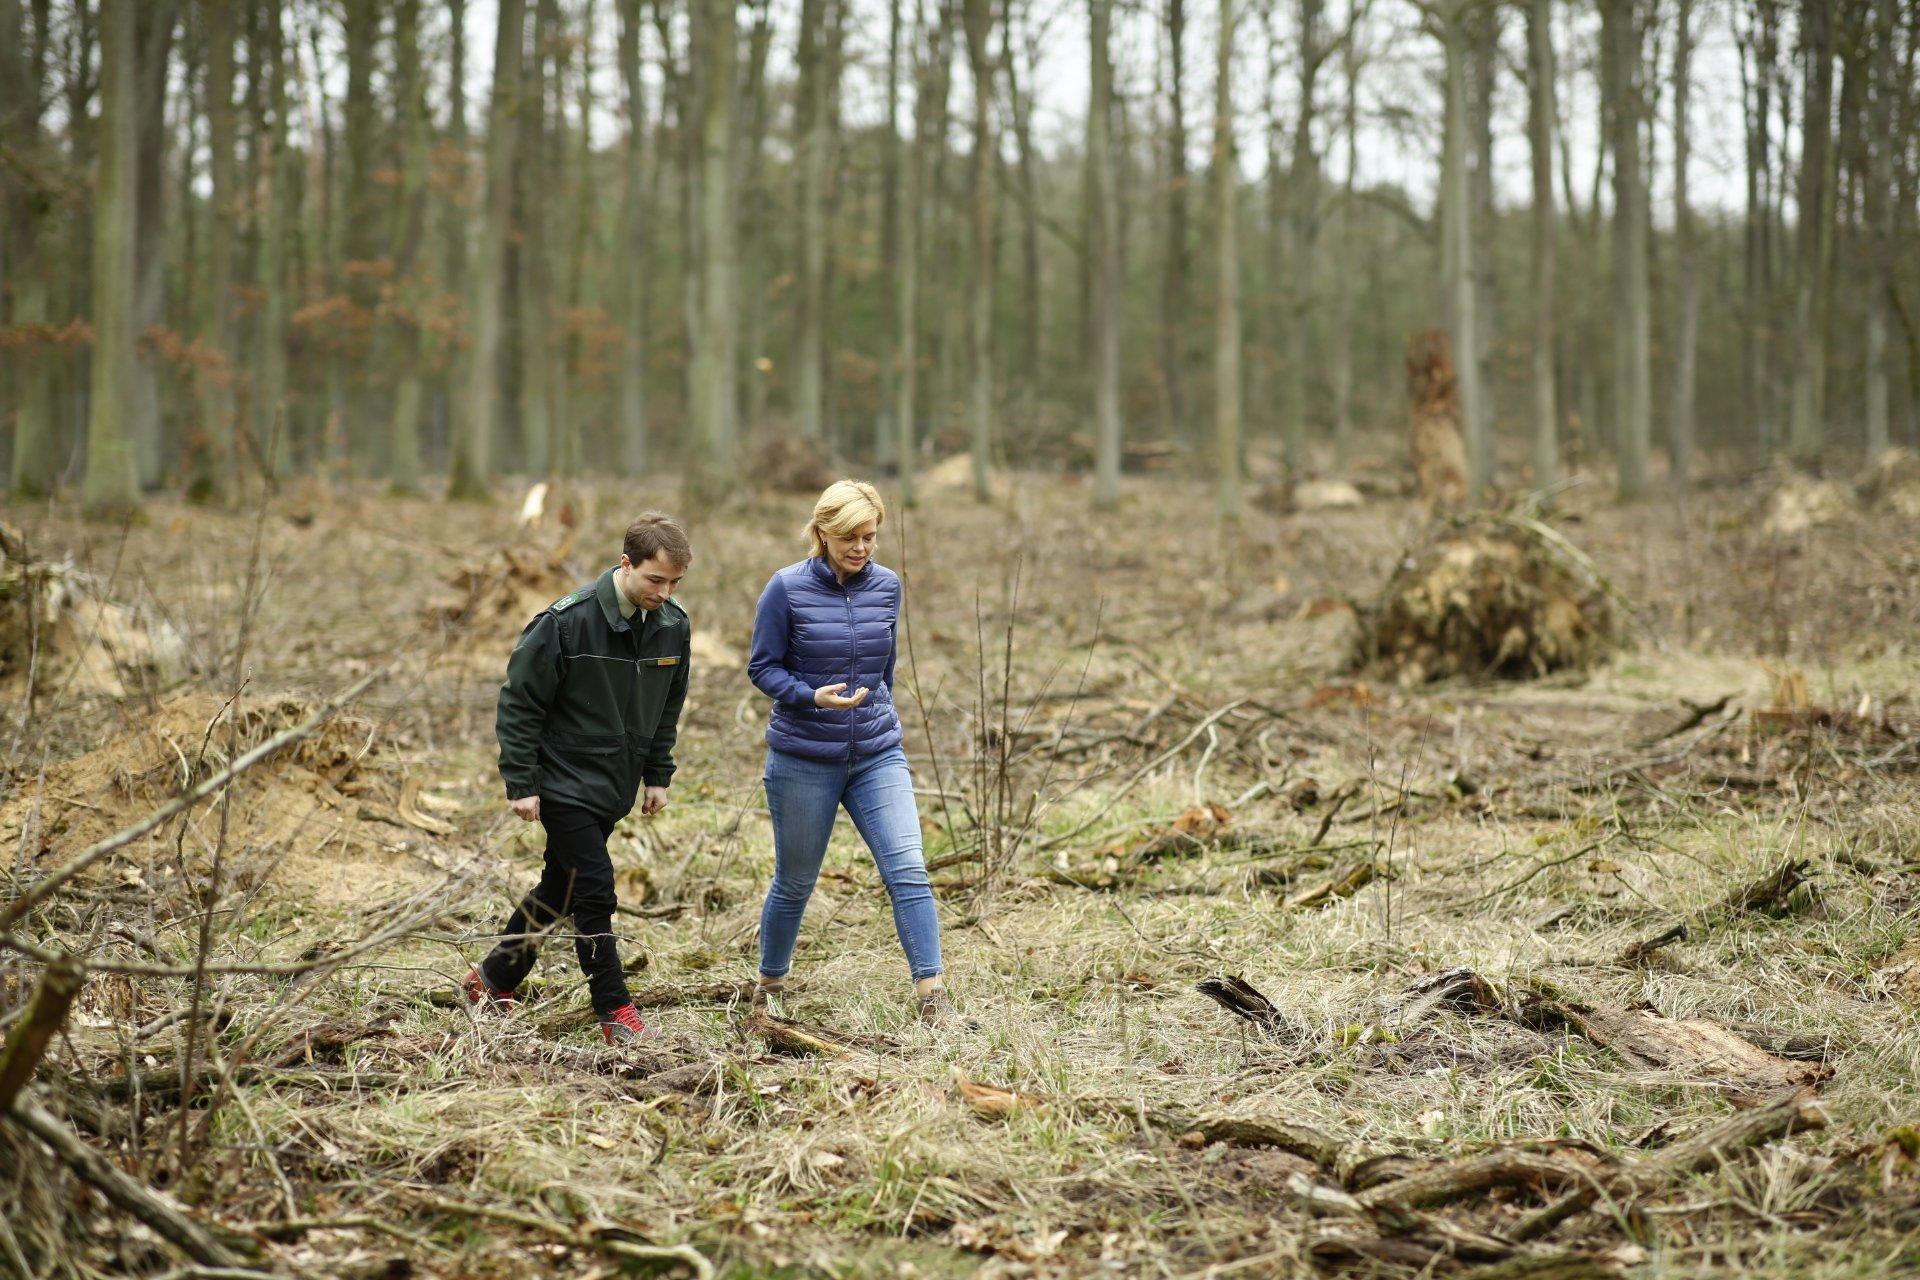 """Julia Klöckner stapft mit einem Forstbeamten über eine Lichtung mit viel Bruchholz und umgestürzten Bäume. Als Landwirtschaftsministerin ist die CDU-Politikerin für den Wald zuständig. Im März 2019besichtigte sie die Baumschäden in Brandenburg, die Stürme, Dürre und Borkenkäfer ausgelöst haben. Auf der Homepage ihres Ministerium ist dann diese Erkenntnis zu lesen: """"Wir müssen unsere Wälder aufforsten und langfristig an den Klimawandel anpassen."""""""